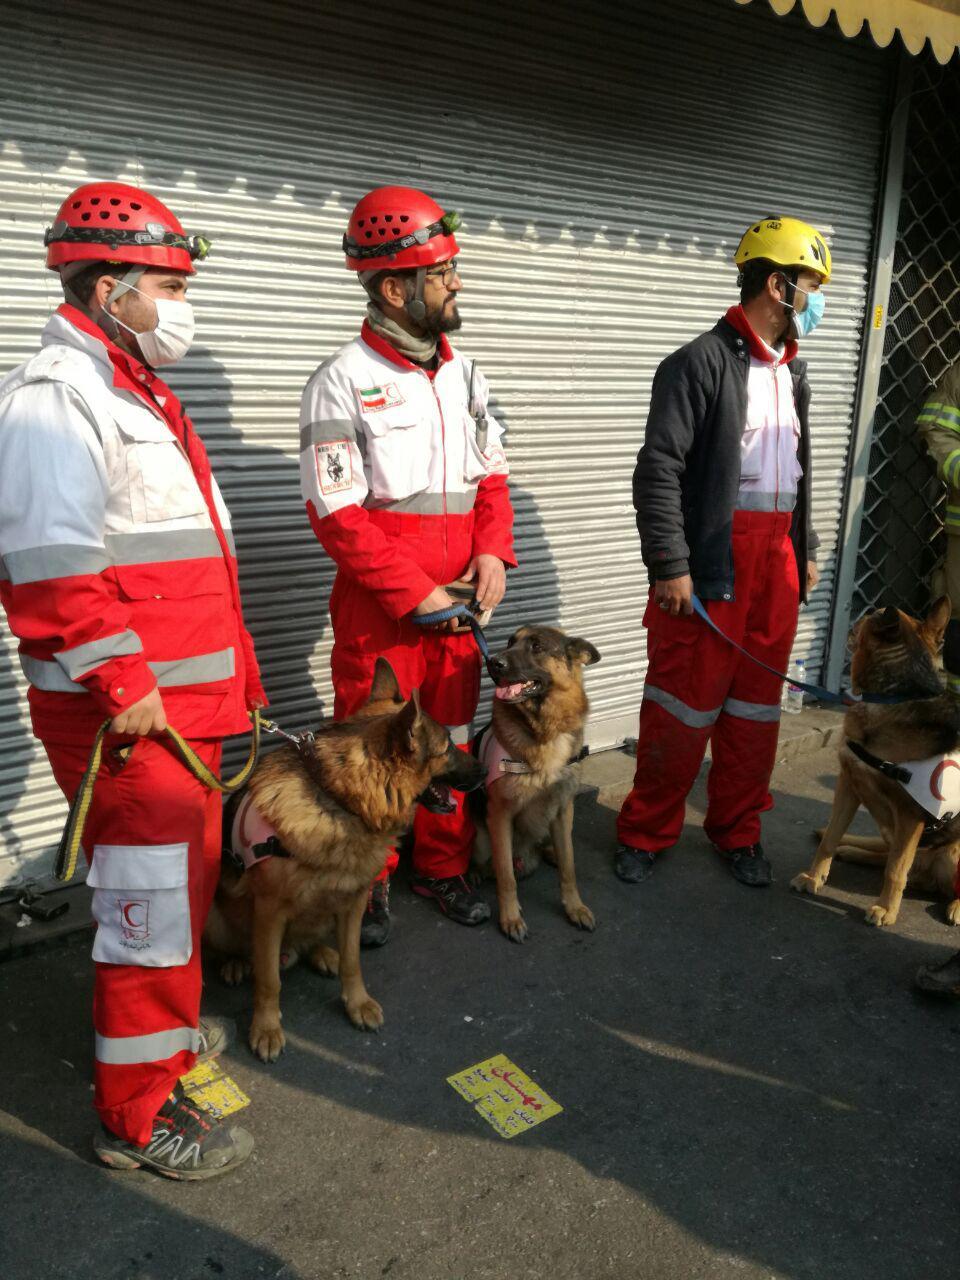 ساختمان پلاسکو فروریخت (+عکس و فیلم ) / 50 آتش نشان کشته شدند / 50 تا 100 نفر زیر آوار ماندند/  اعزام نیروی زمینی به محل حادثه